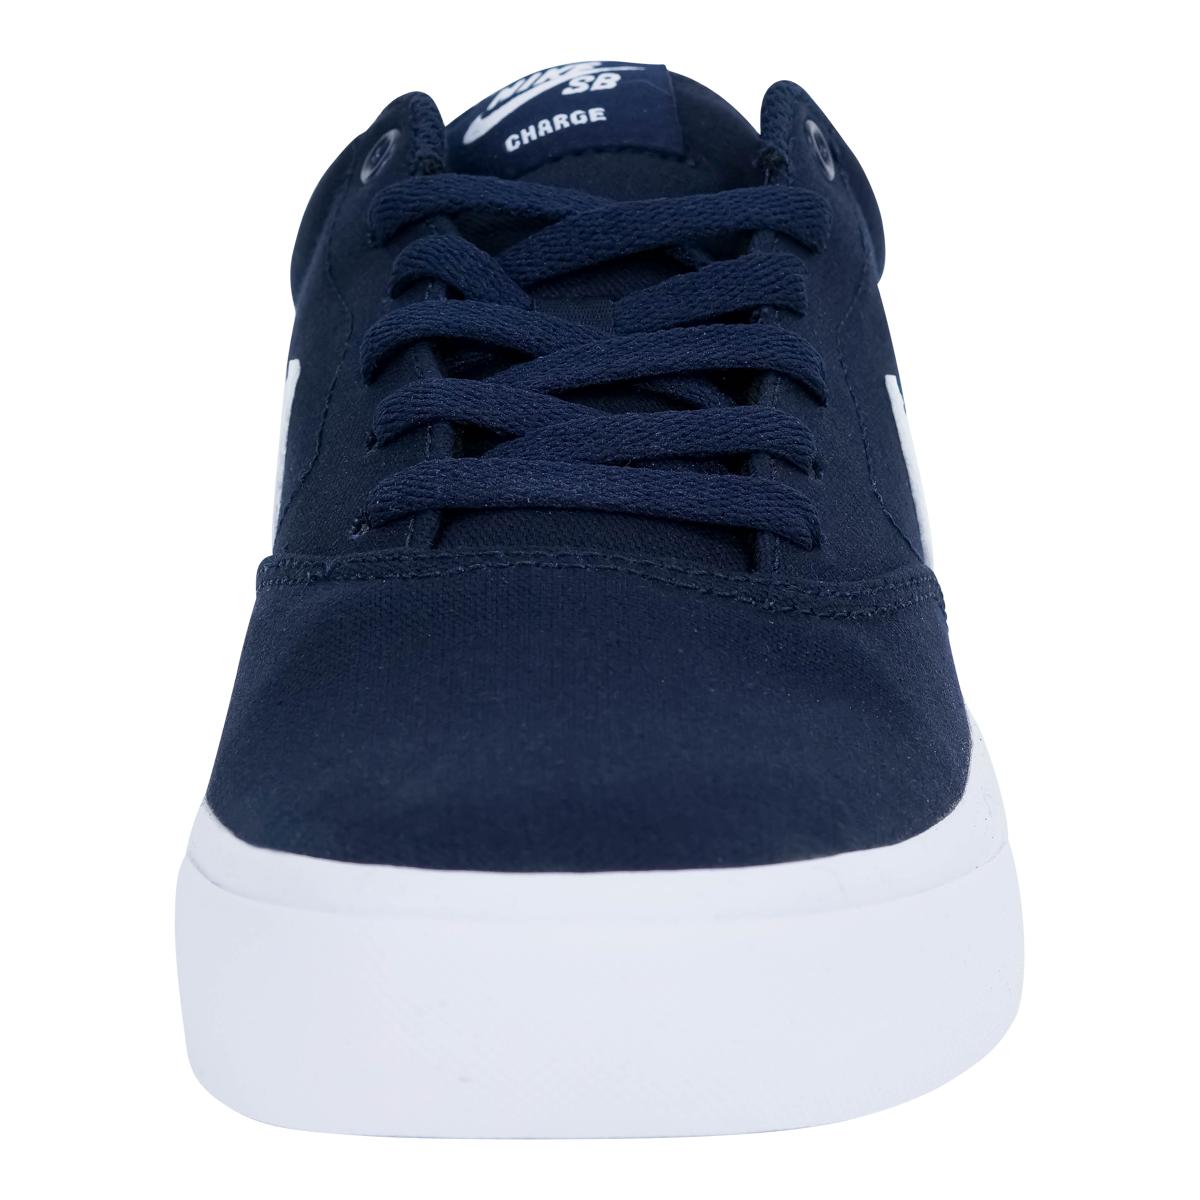 Nike-Men-039-s-SB-Charge-Solarsoft-Shoes thumbnail 8